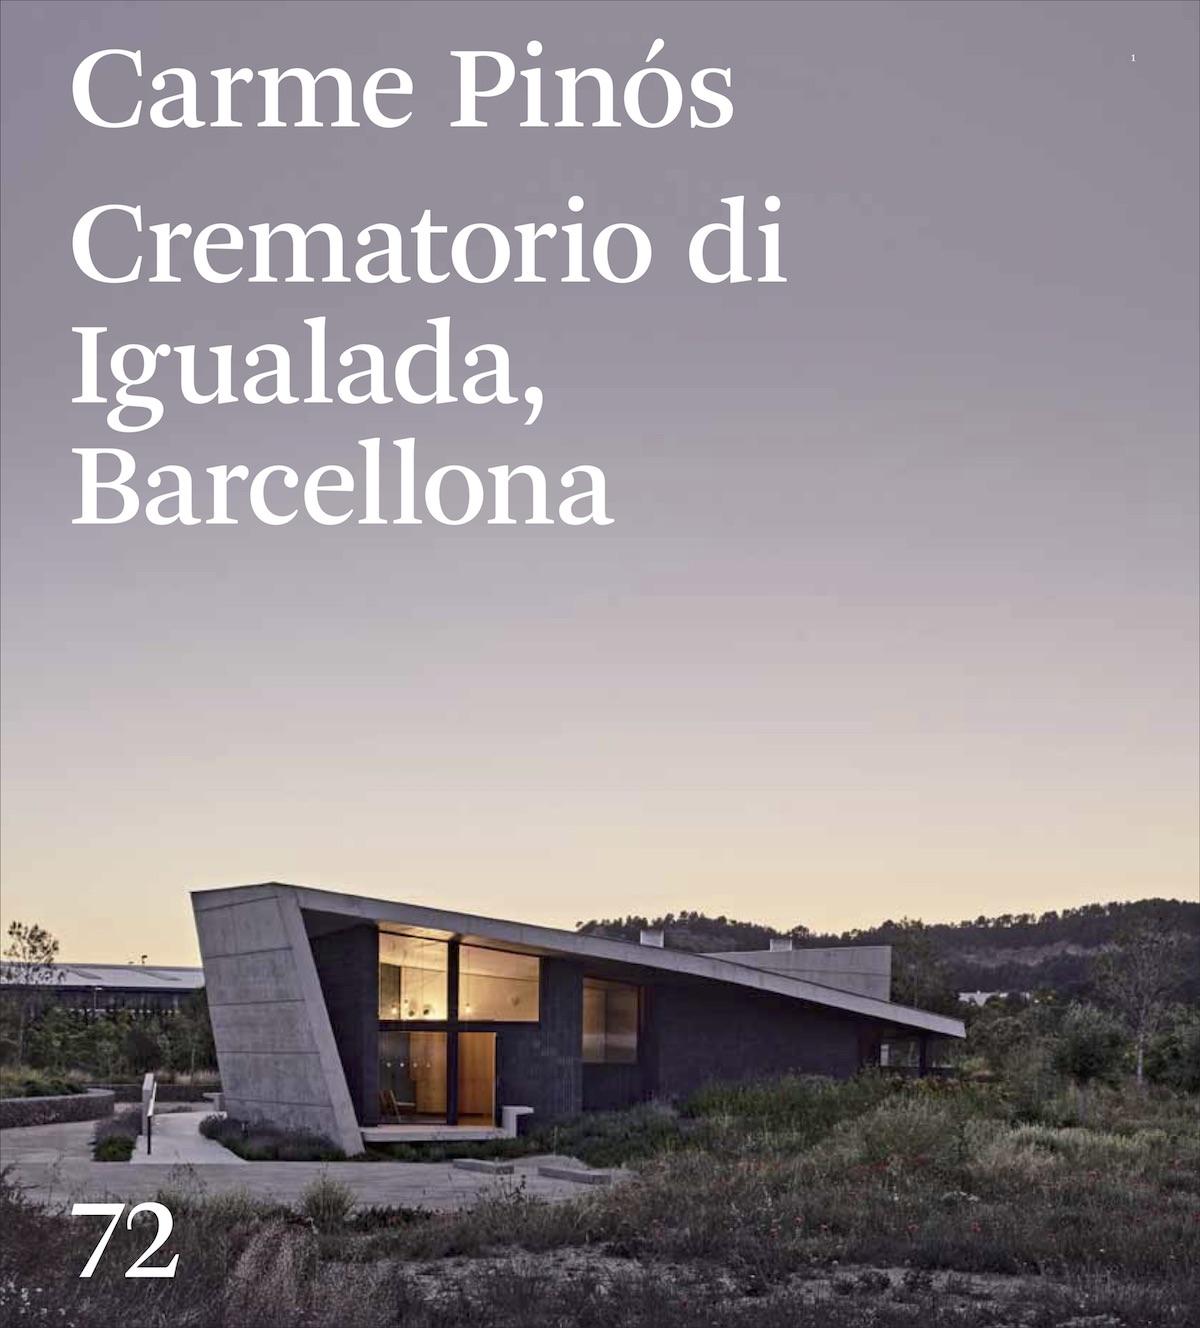 887-8 ESTUDIO CARME PINÓS